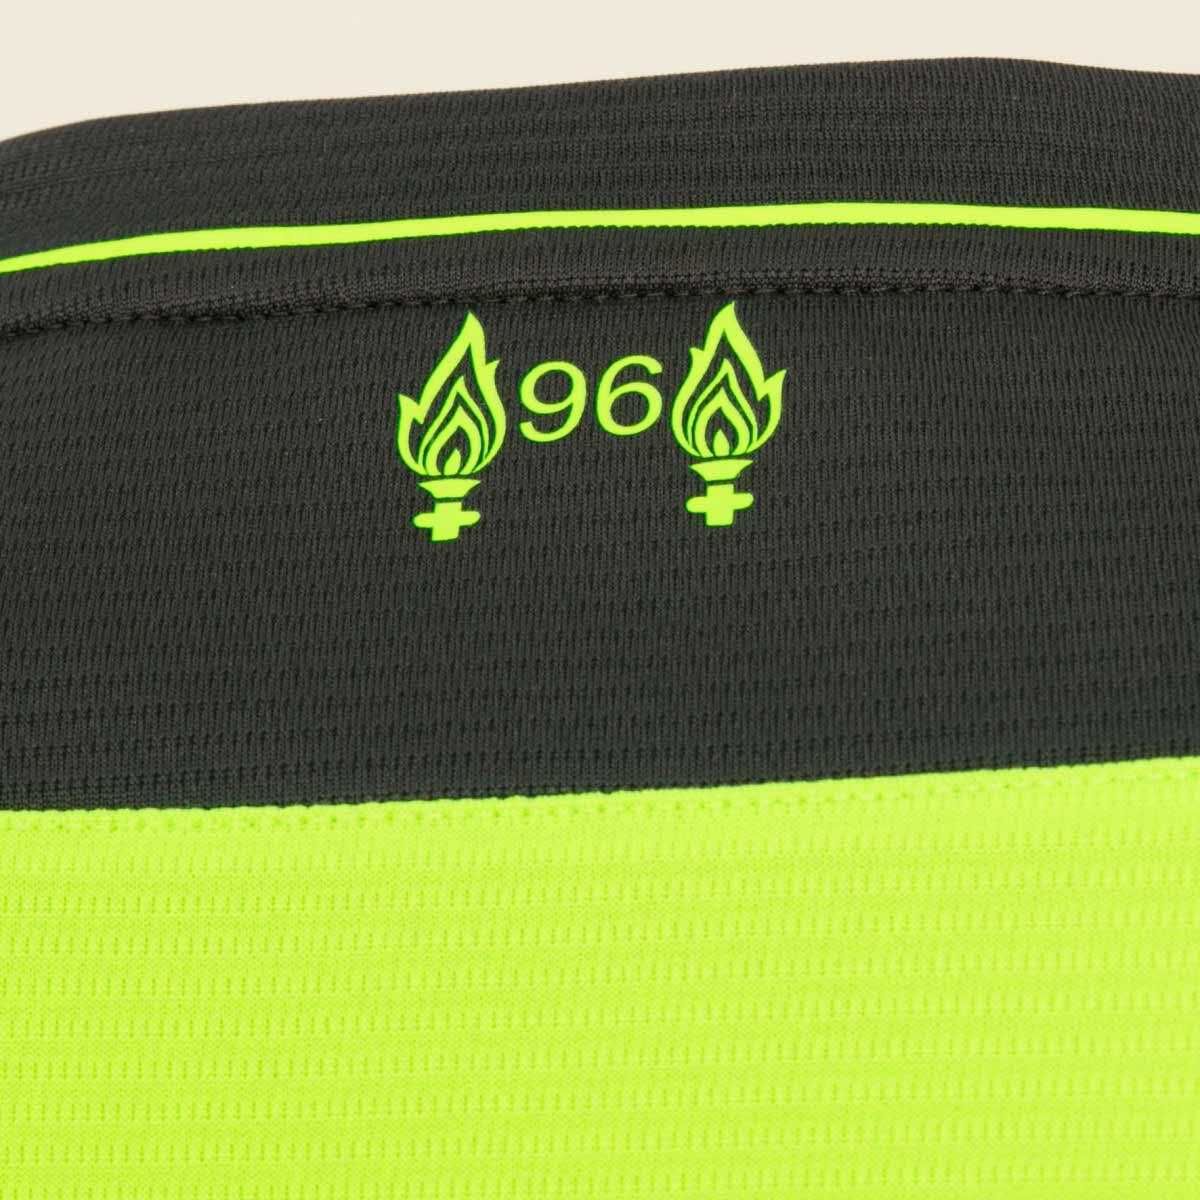 Liverpool Third Kit 2016-17 96 logo